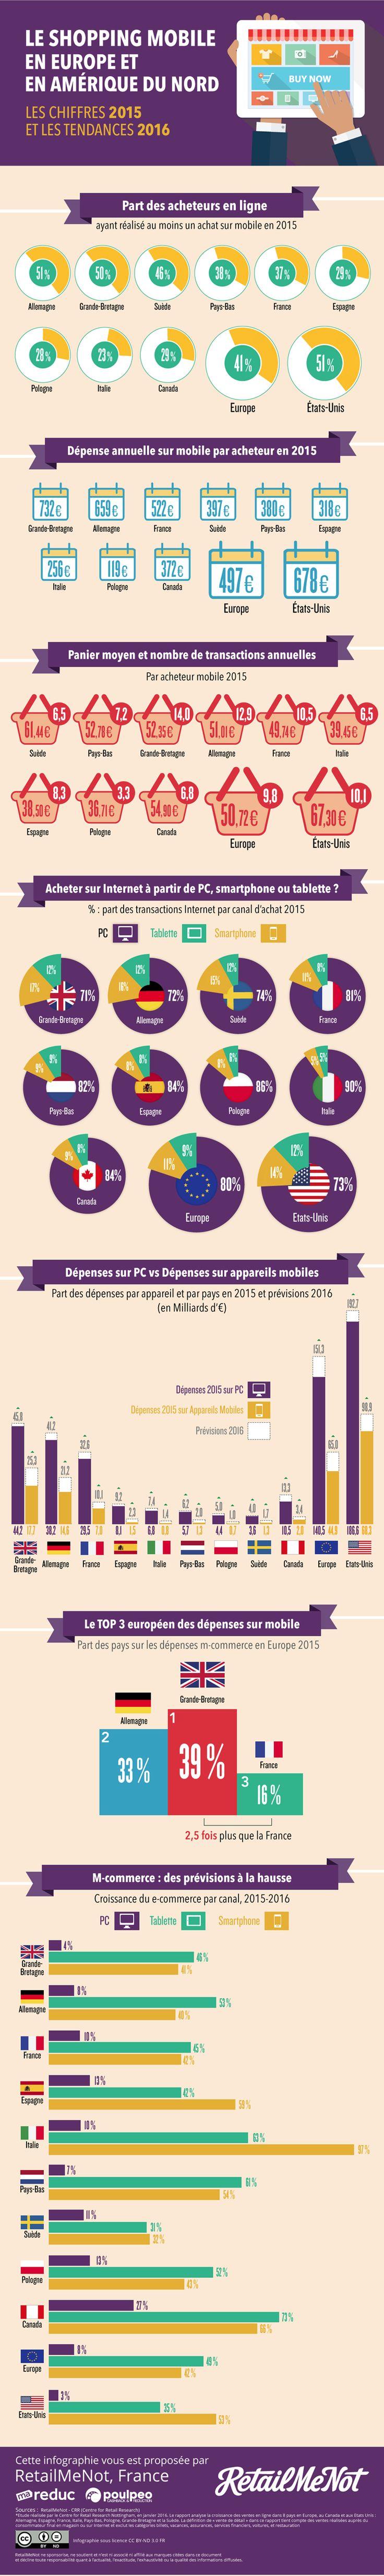 Infographie : les tendances du m-commerce et e-commerce en Europe et Amérique du Nord par RetailMeNot | Offremedia